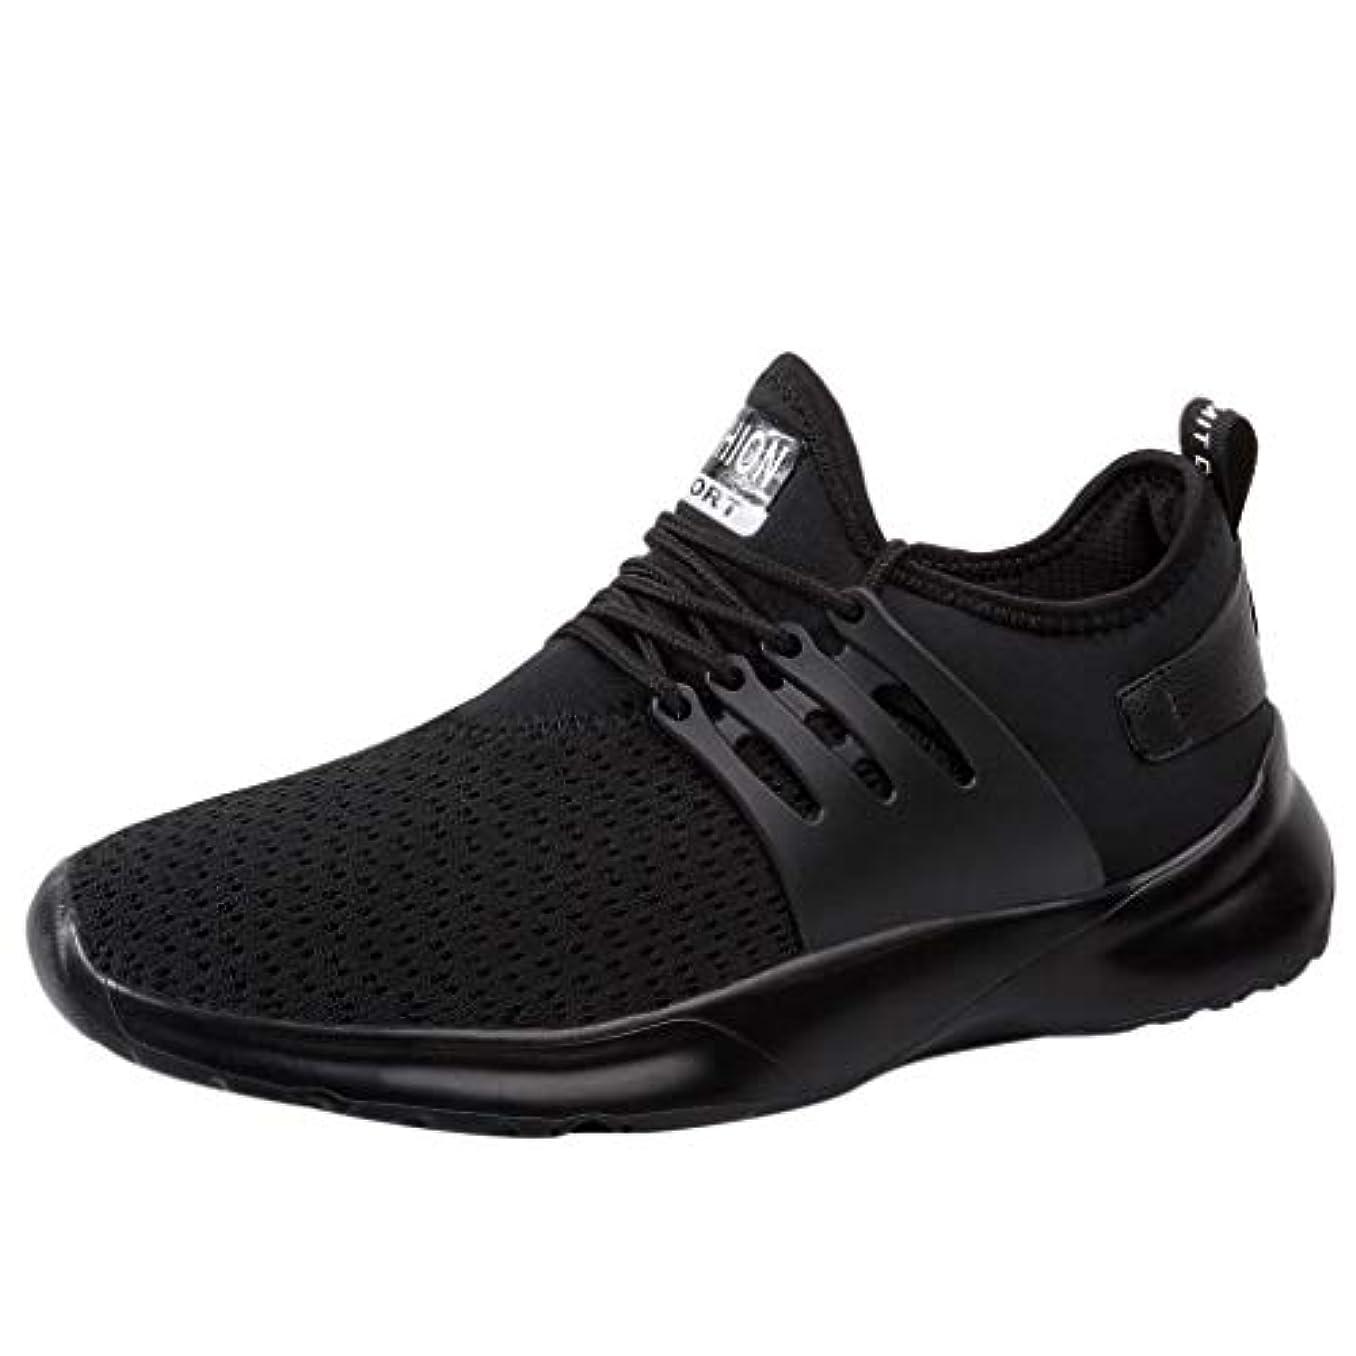 余分なはずゴシップKauneus Fashion Shoes SHIRT ボーイズ